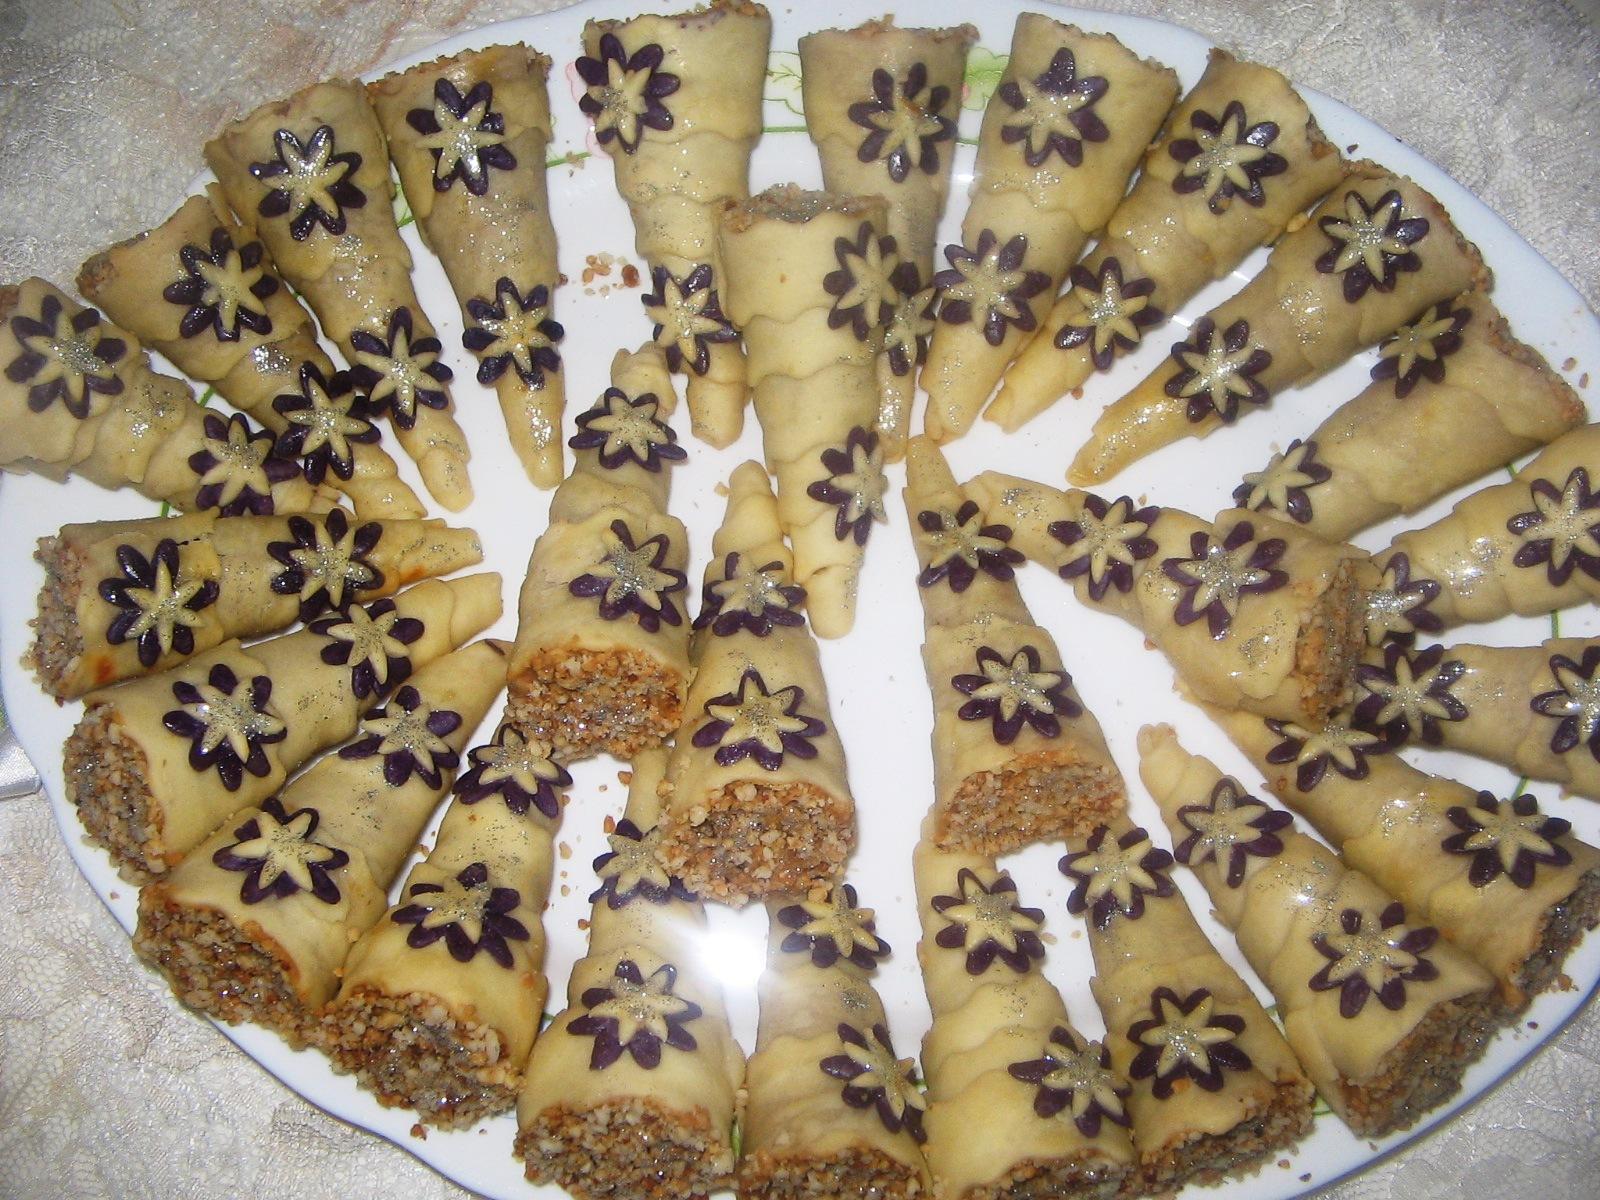 صور حلويات جزائرية بسيطة بالصور , شاهد بالصور اروع الحلويات الجزائرية